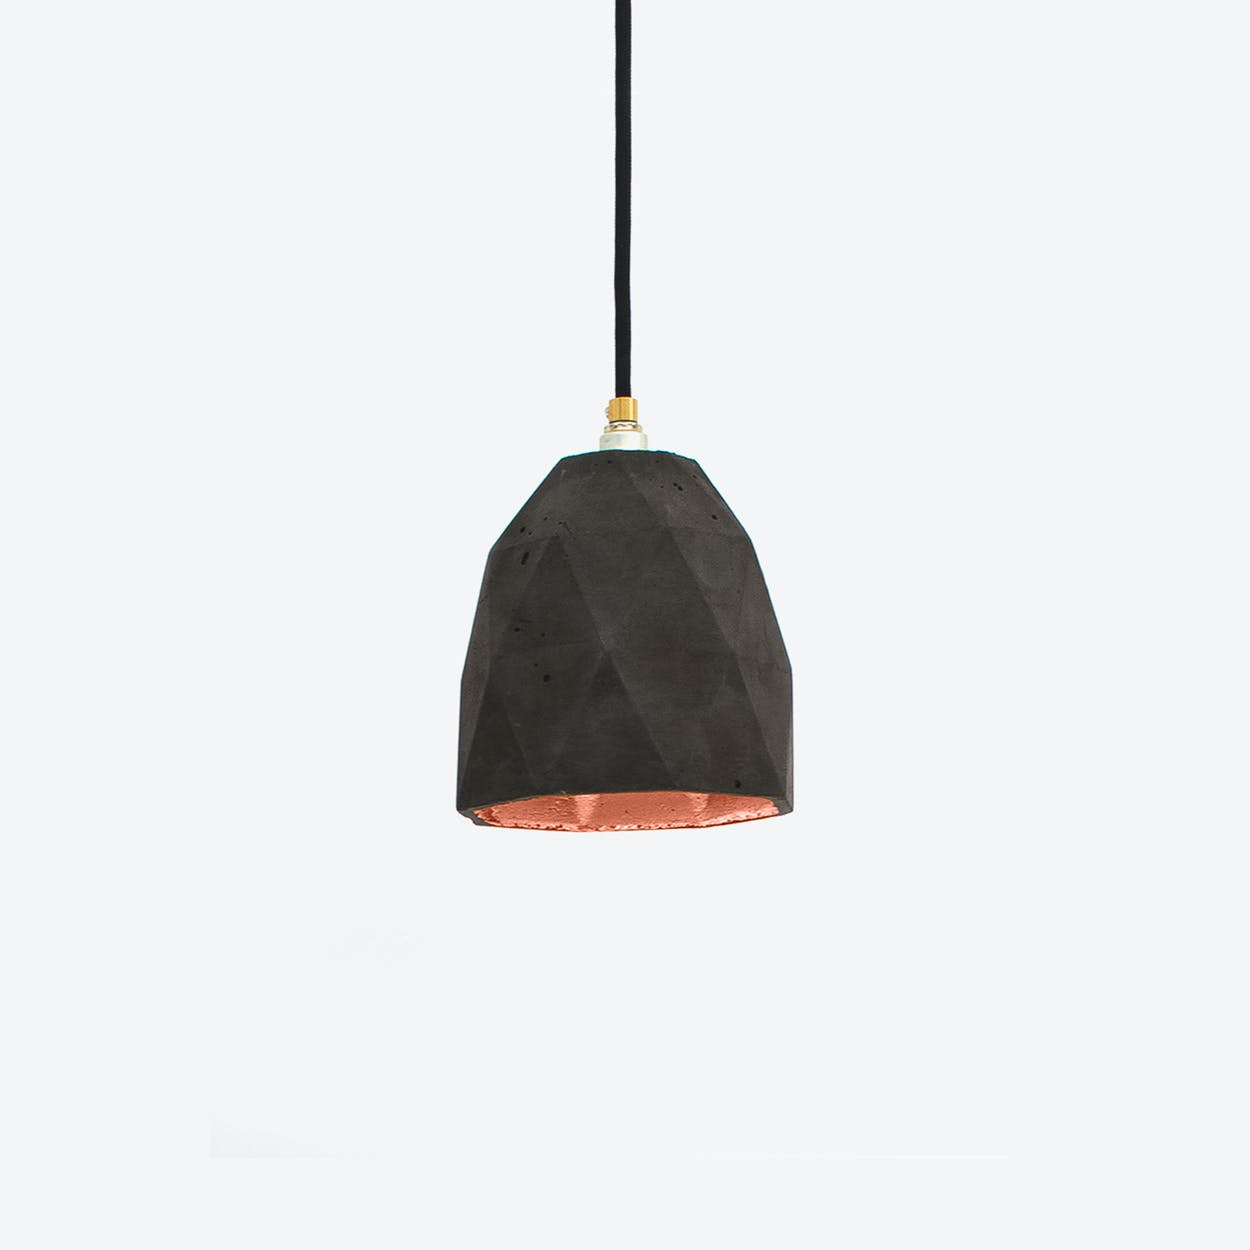 Concrete Pendant Light Triangle T1 in Dark Grey and Copper